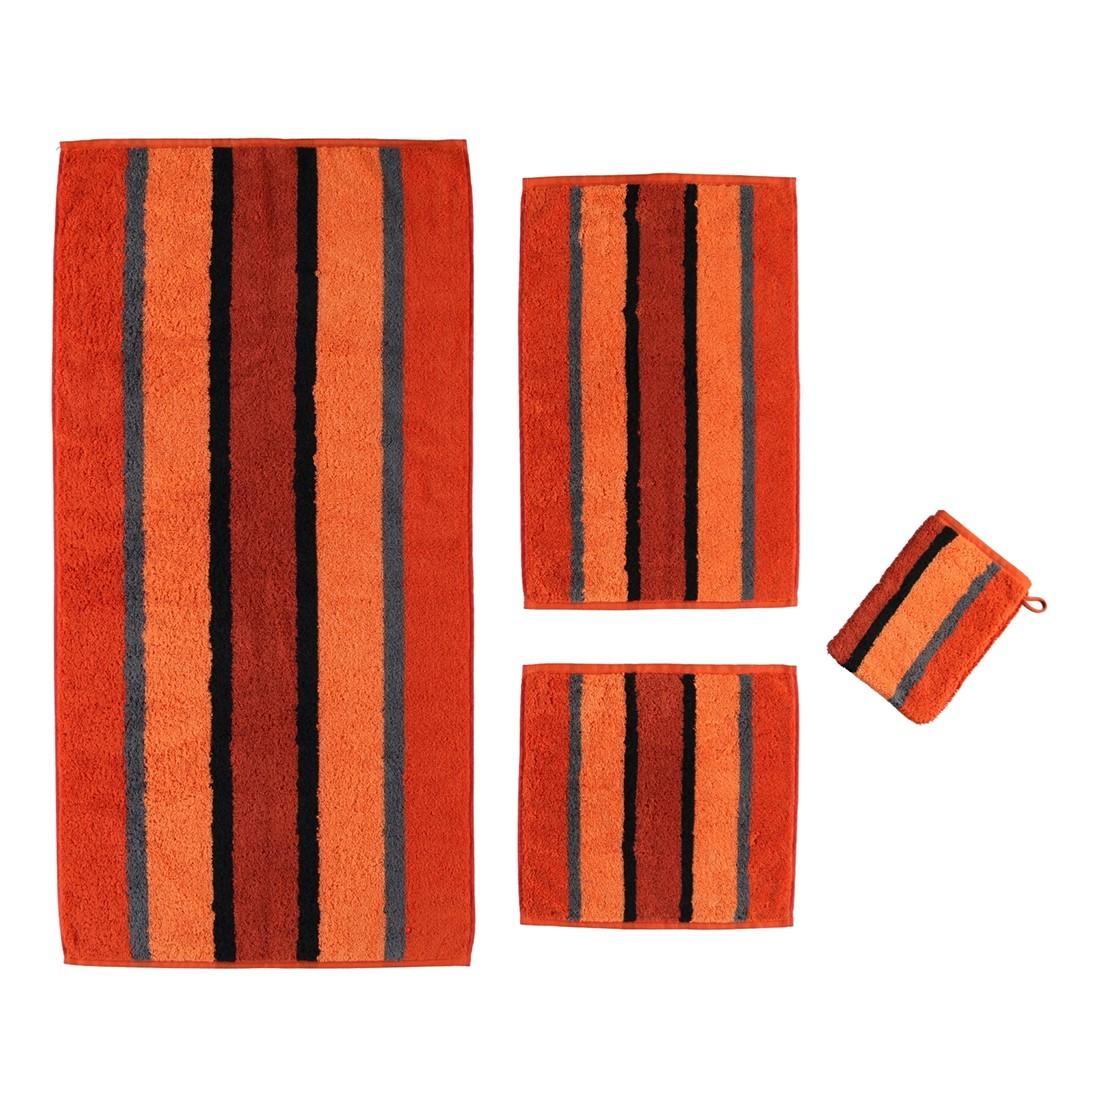 Handtuch Karat – 100% Baumwolle carneol – 30 – Duschtuch: 70 x 140 cm, Cawö jetzt bestellen